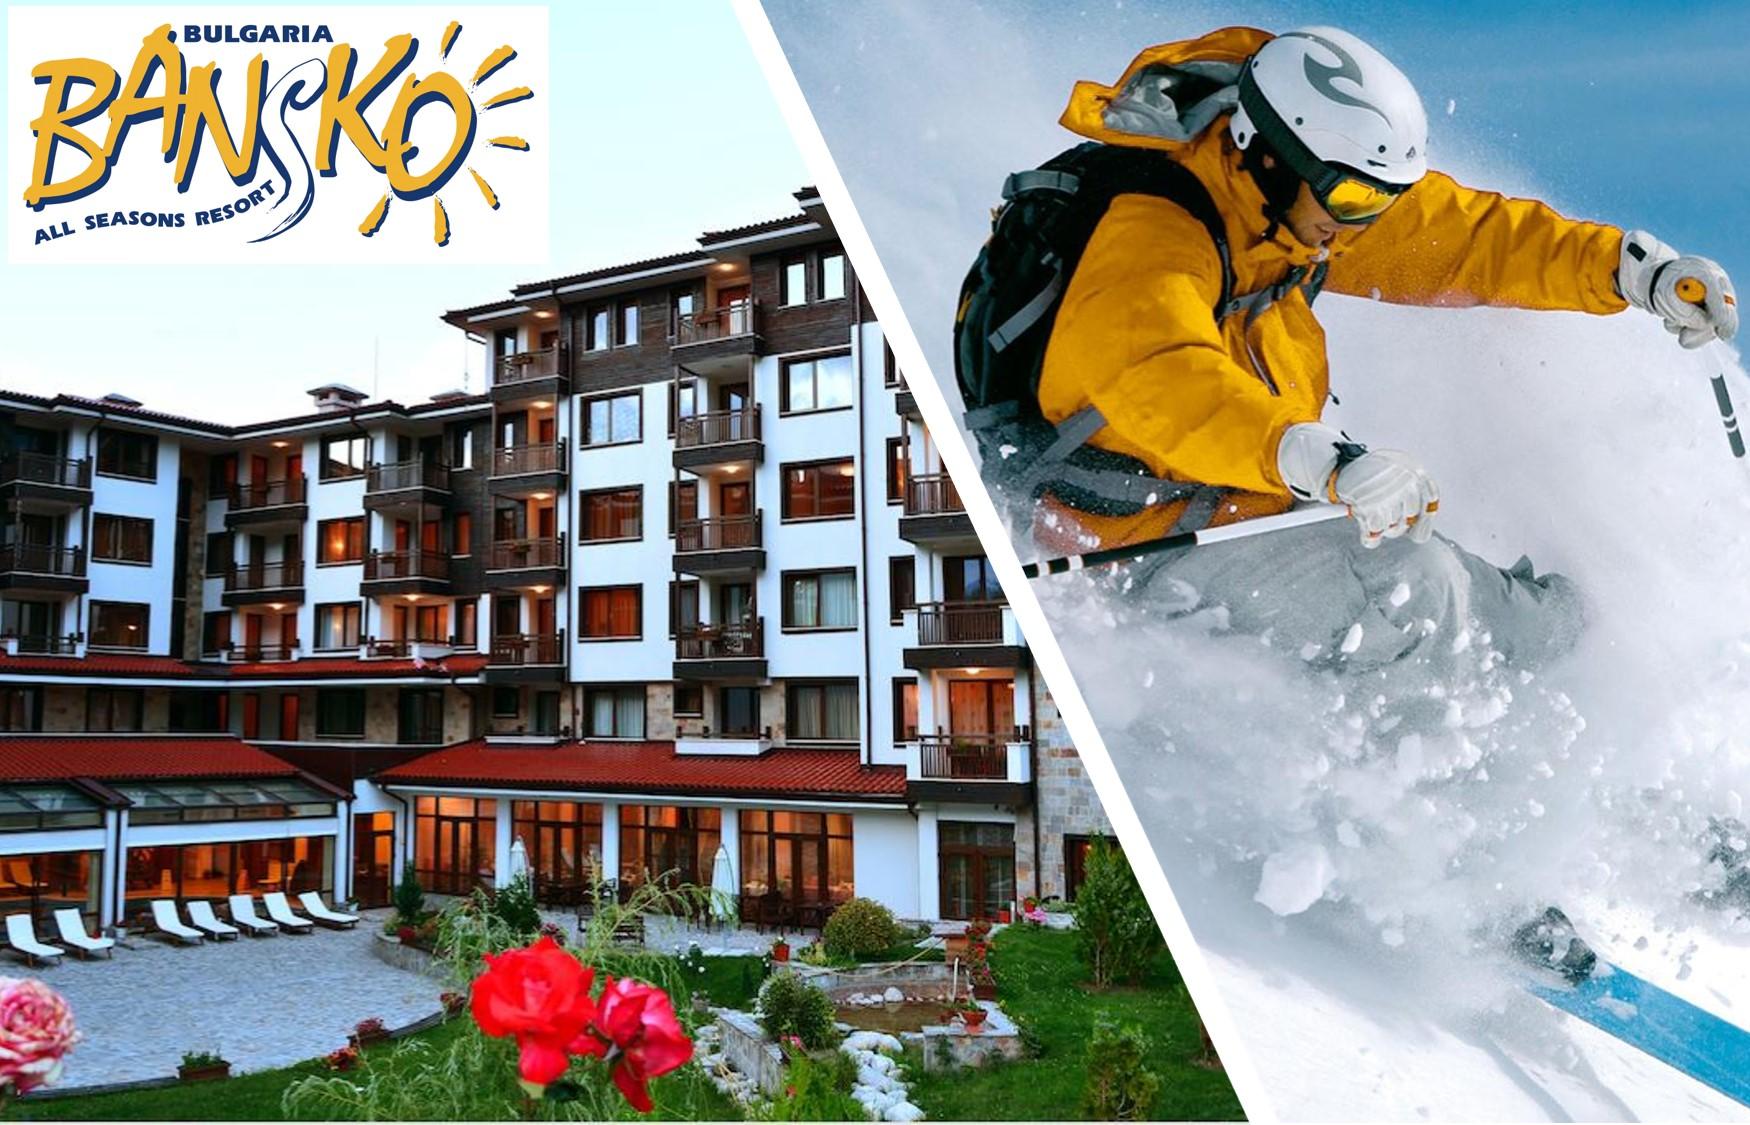 XΡΙΣΤΟΥΓΕΝΝΑ ΣΤΟ BANSKO! 180€ από 330€ για 4ήμερη Παραμυθένια Διαμονή, με Ημιδιατροφή & Μεταφορά, στο πολυτελές ''St. George Ski Spa 4*''